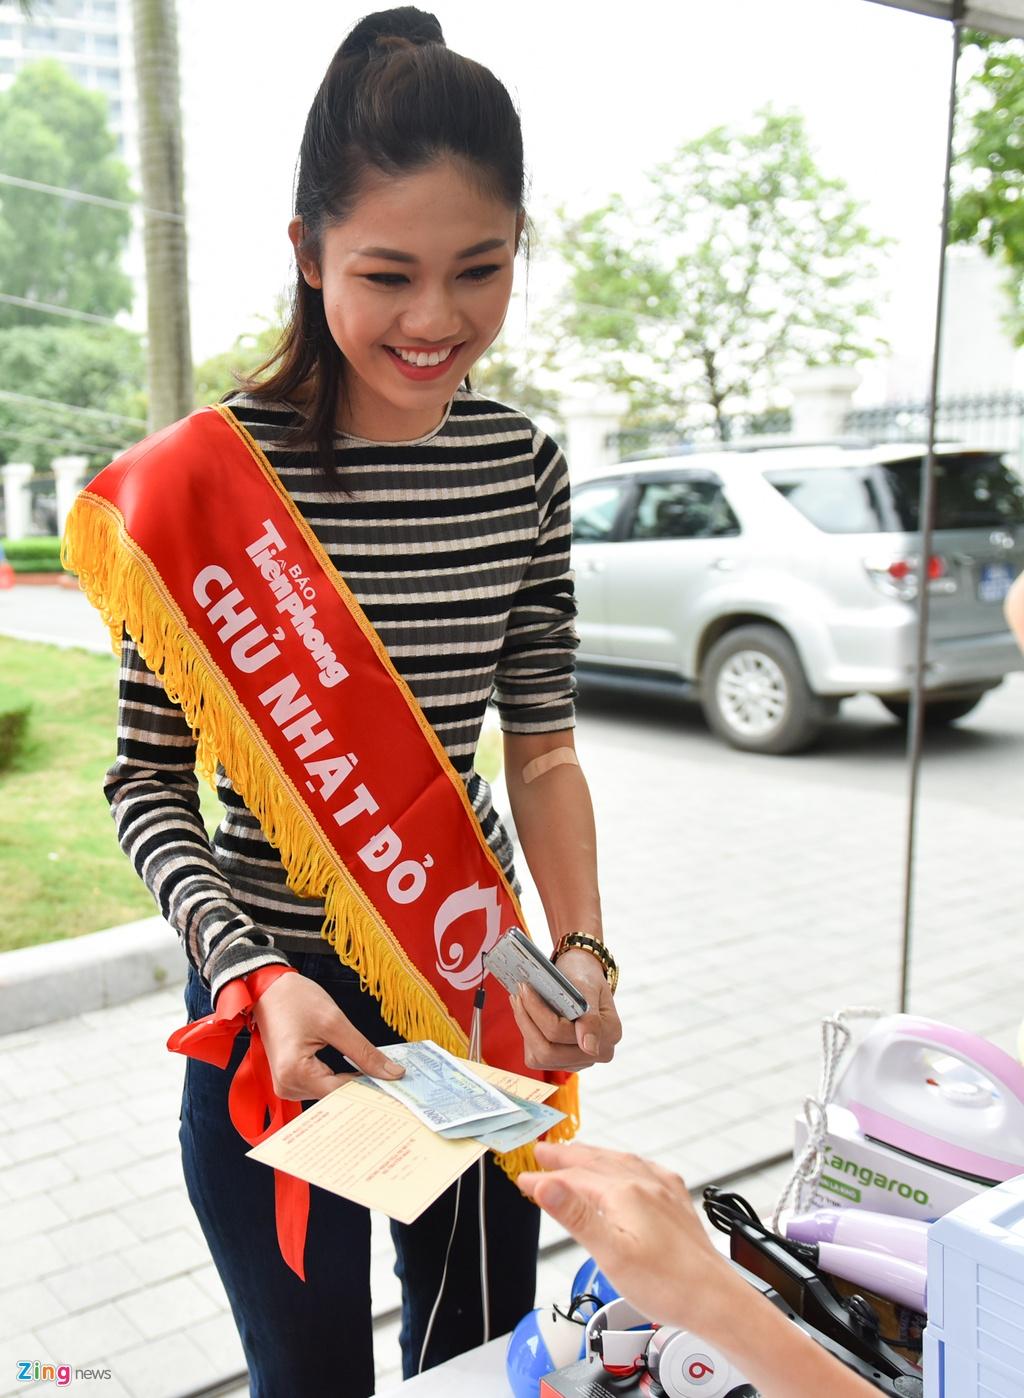 Hoa hau Ngoc Han, a hau Thanh Tu hien mau cuu nguoi hinh anh 5